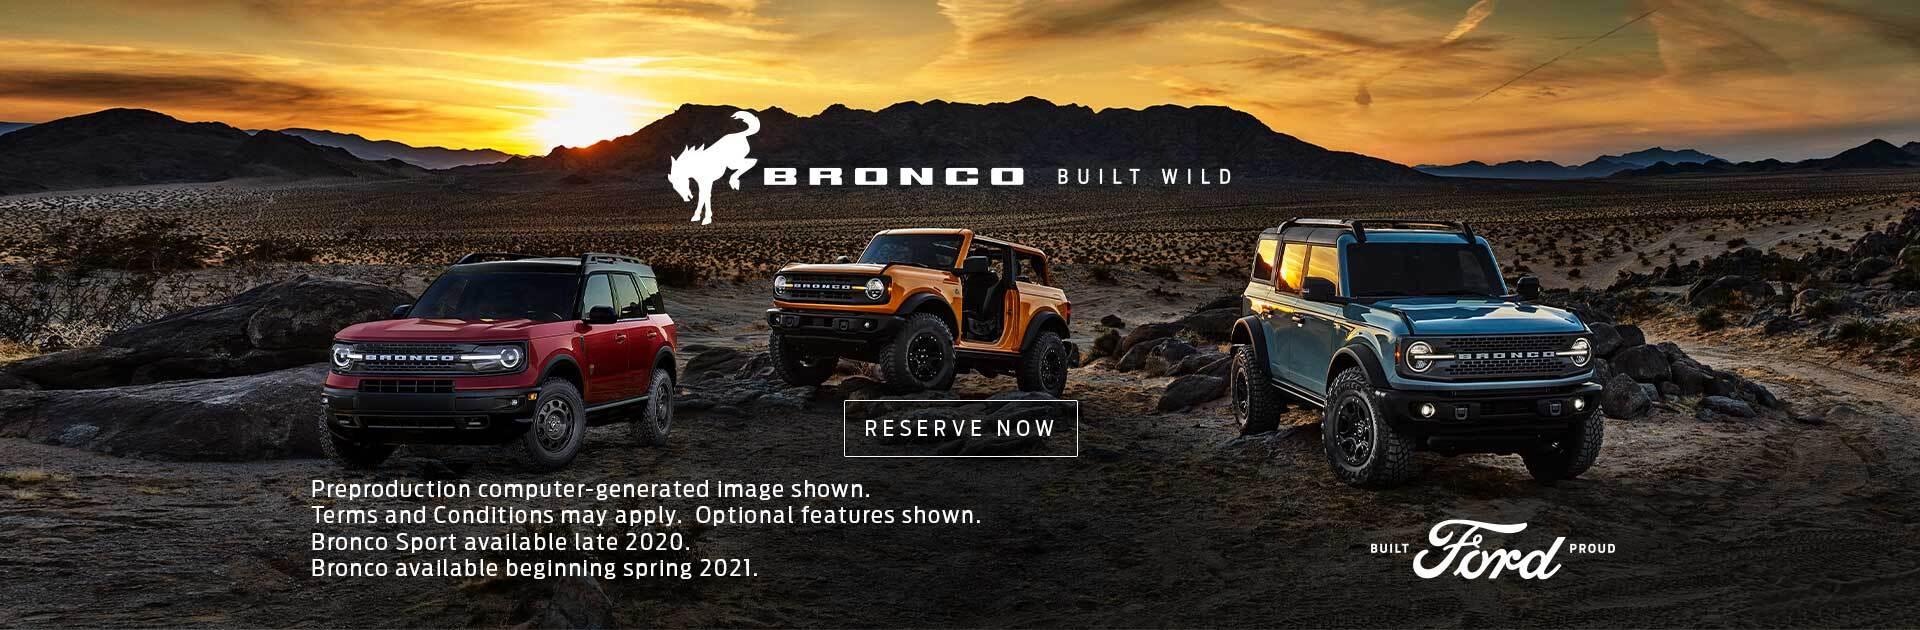 Bronco Reveal Dealercon 1920x630 V5 1